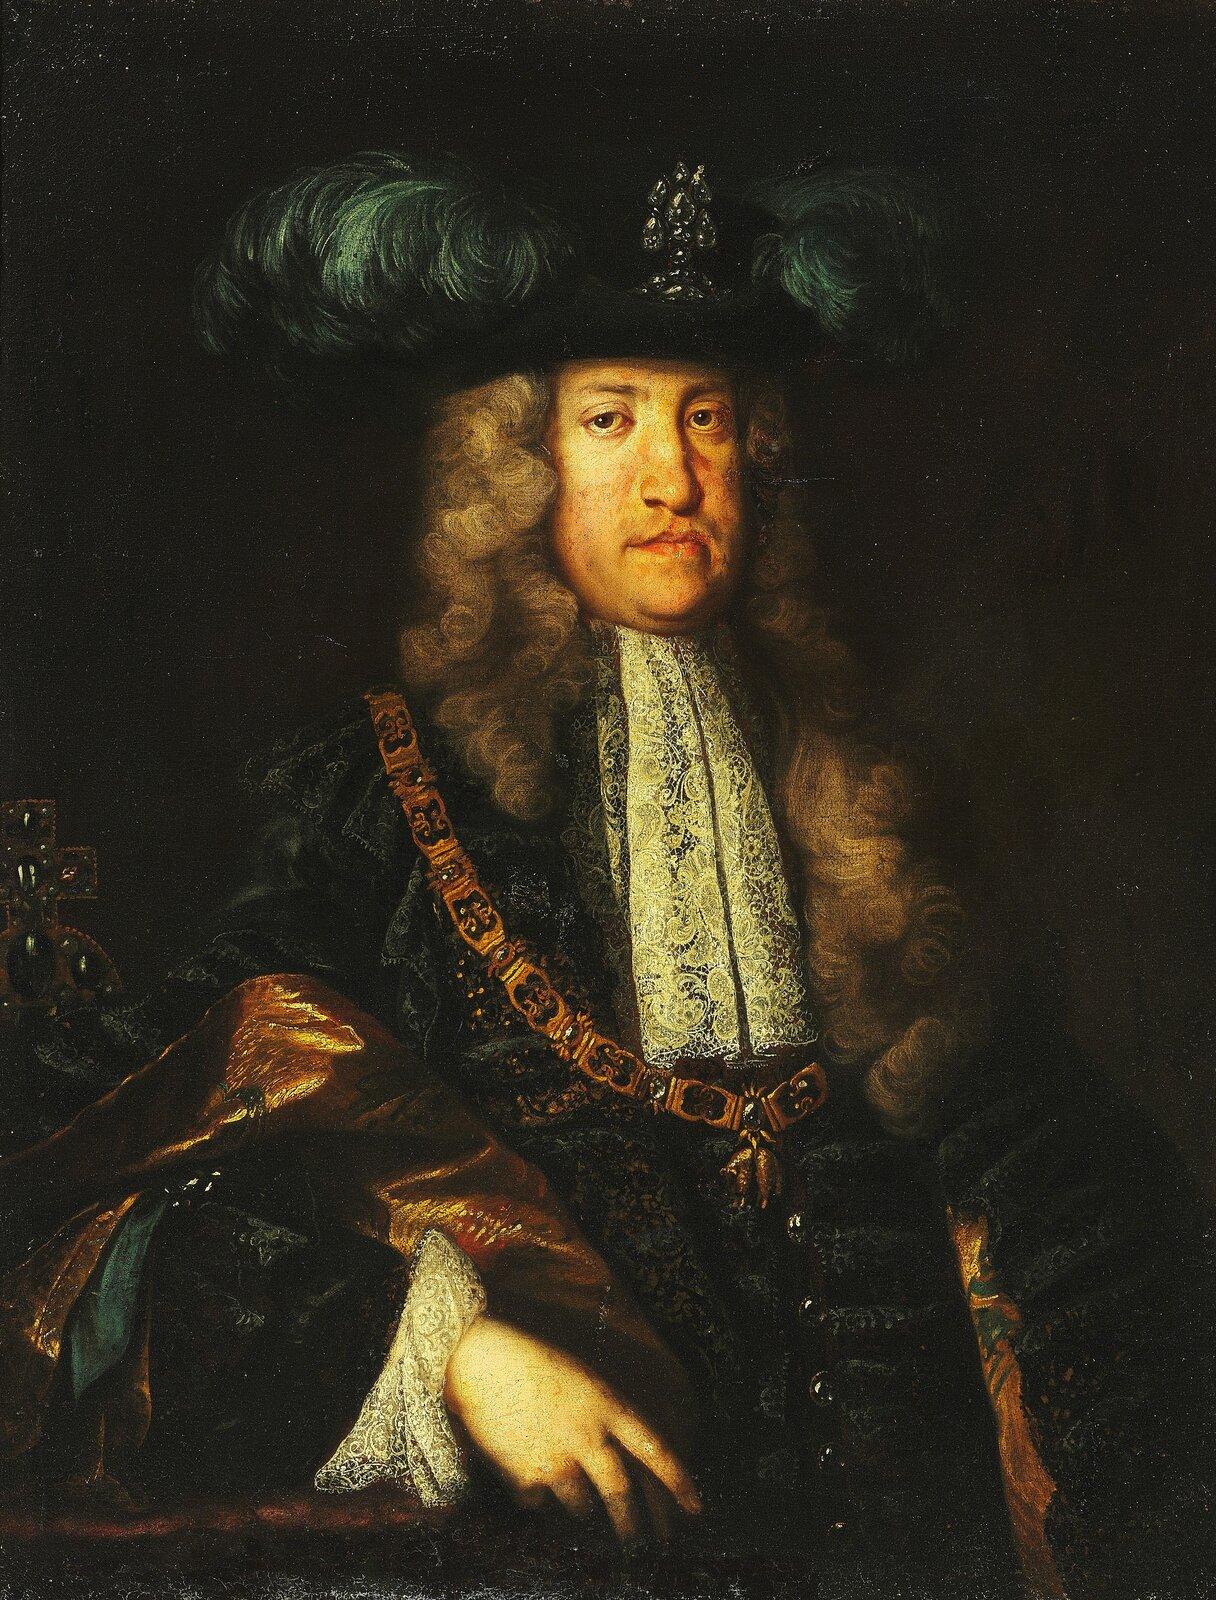 Cesarz Karol VI Karol VI Habsburg,Święty Cesarz Rzymski,król WęgieriCzech oraz arcyksiążę Austrii. Źródło: Martin van Meytens, Cesarz Karol VI, XVIII w., olej na płótnie, domena publiczna.